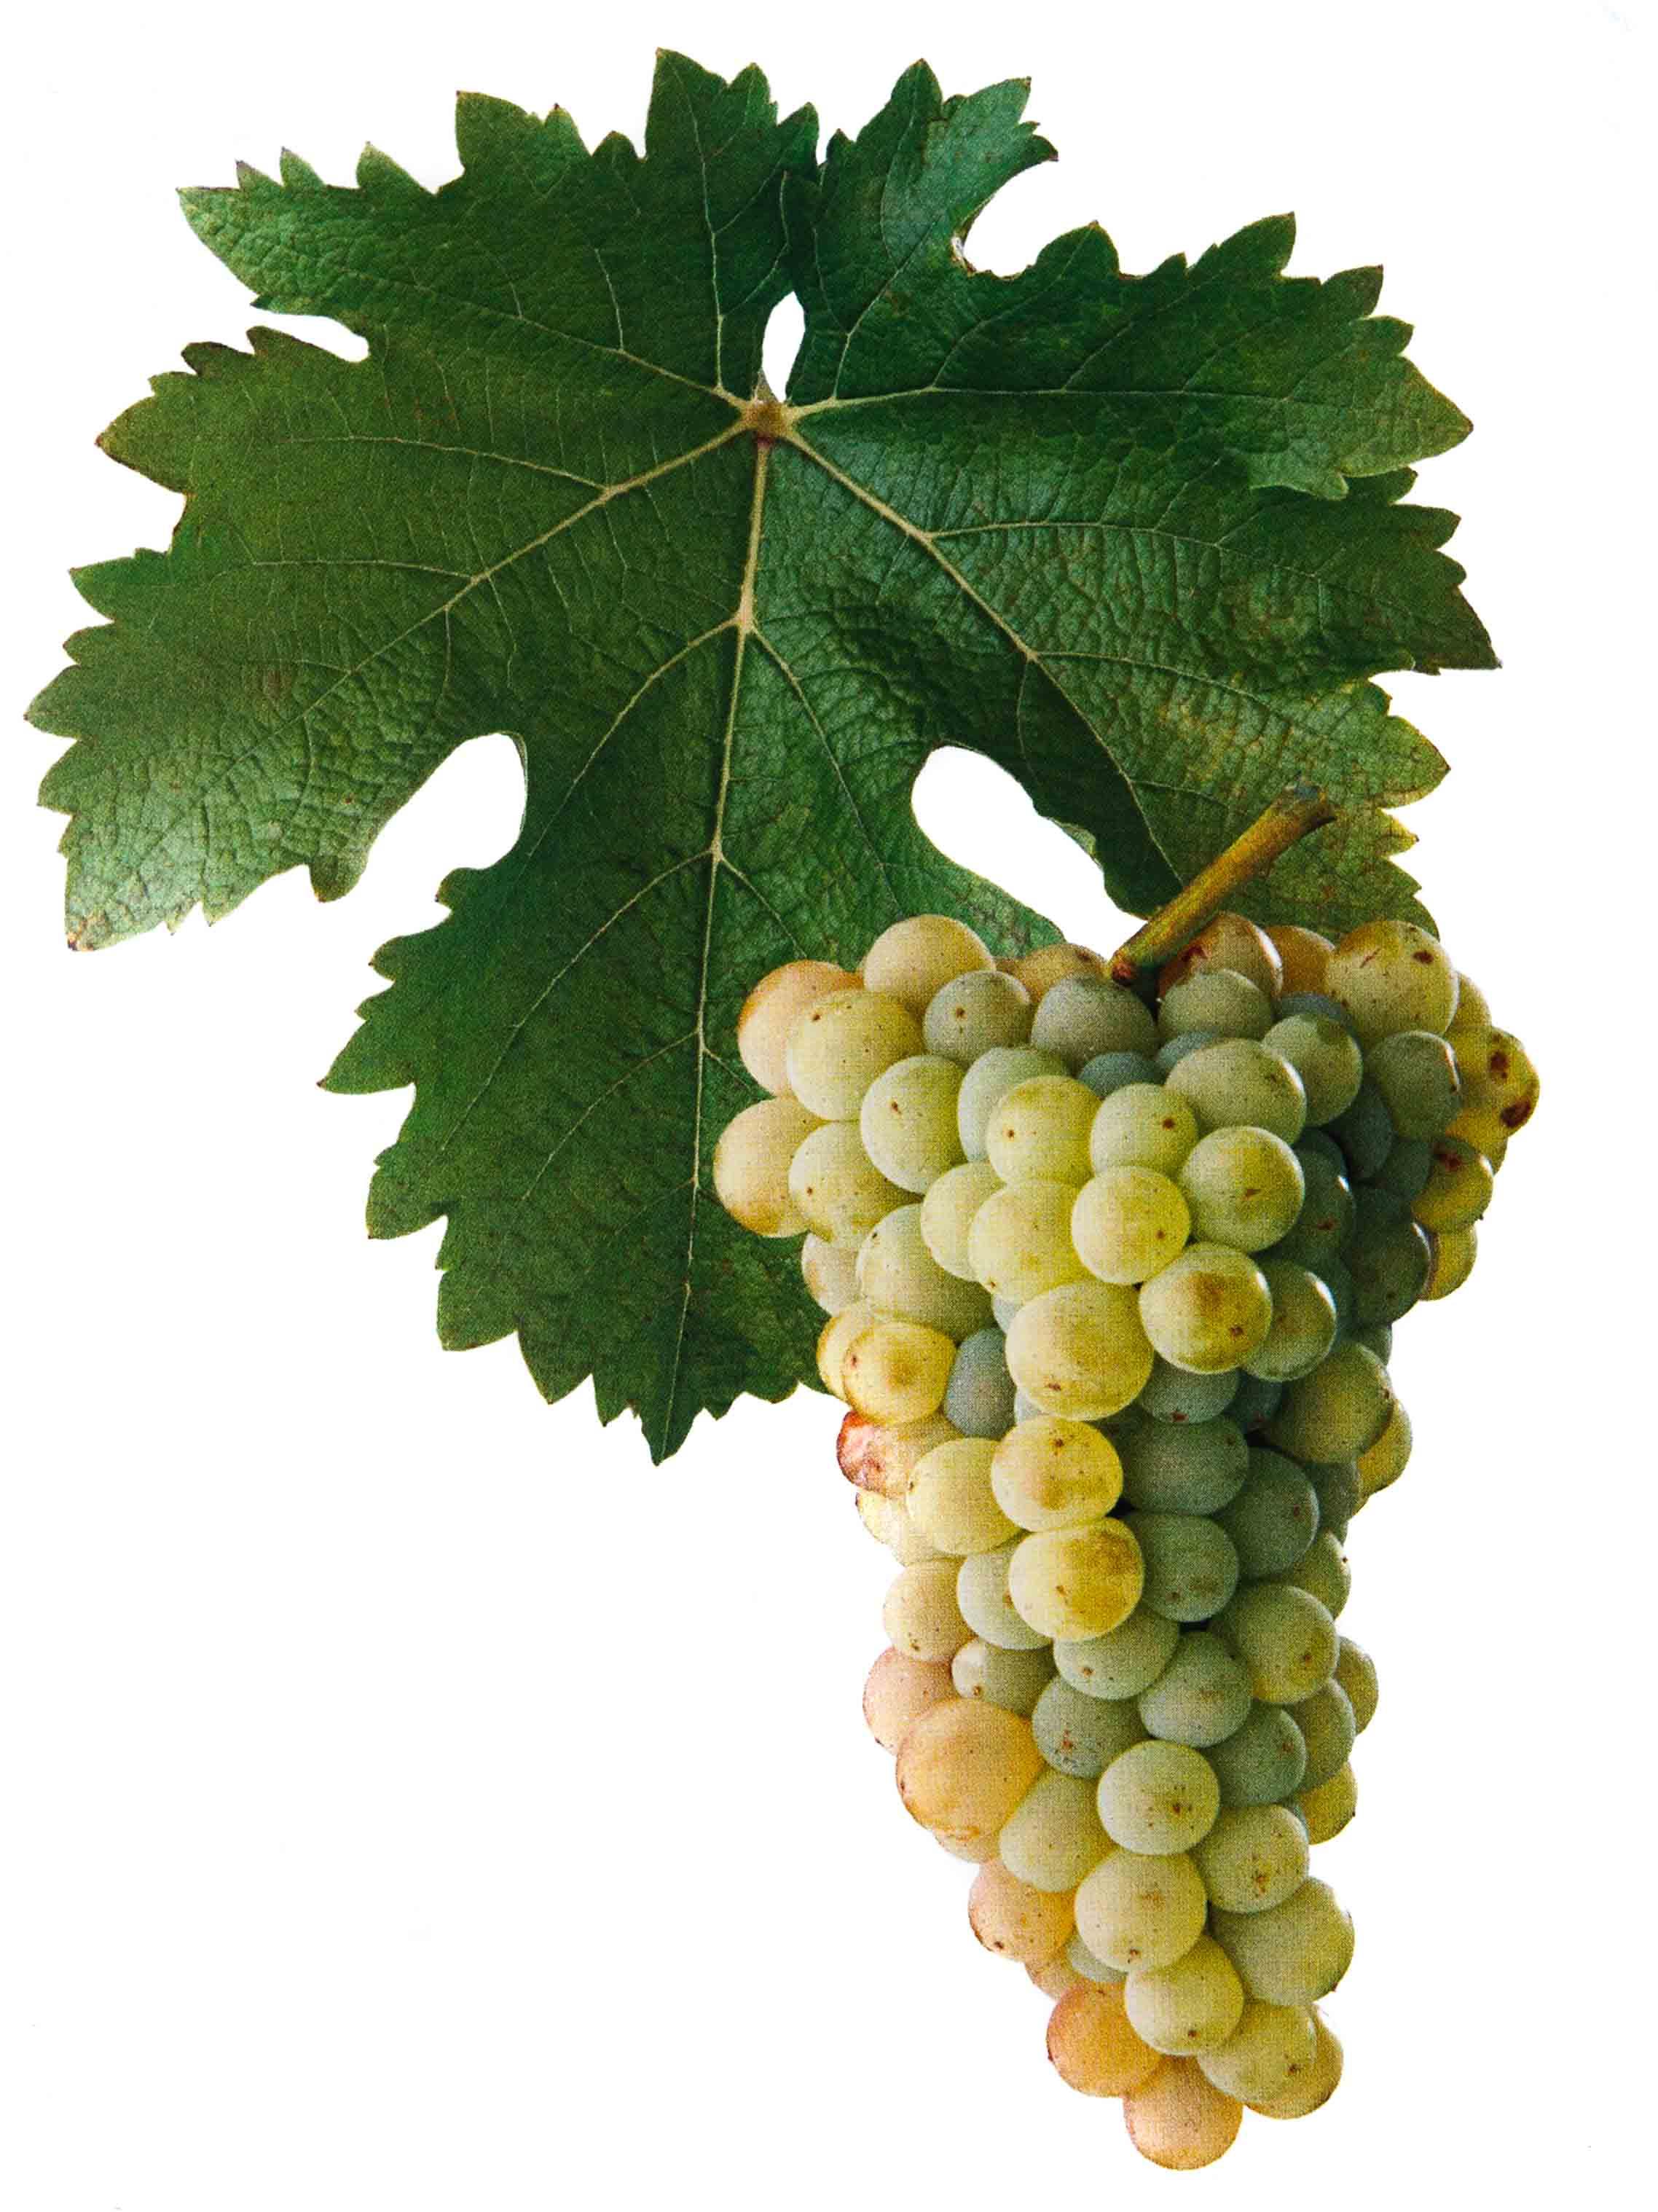 Sauvignon - Odrůda vína Sauvignon pochází z Francie a na Znojemsku je zařazena ve VOC